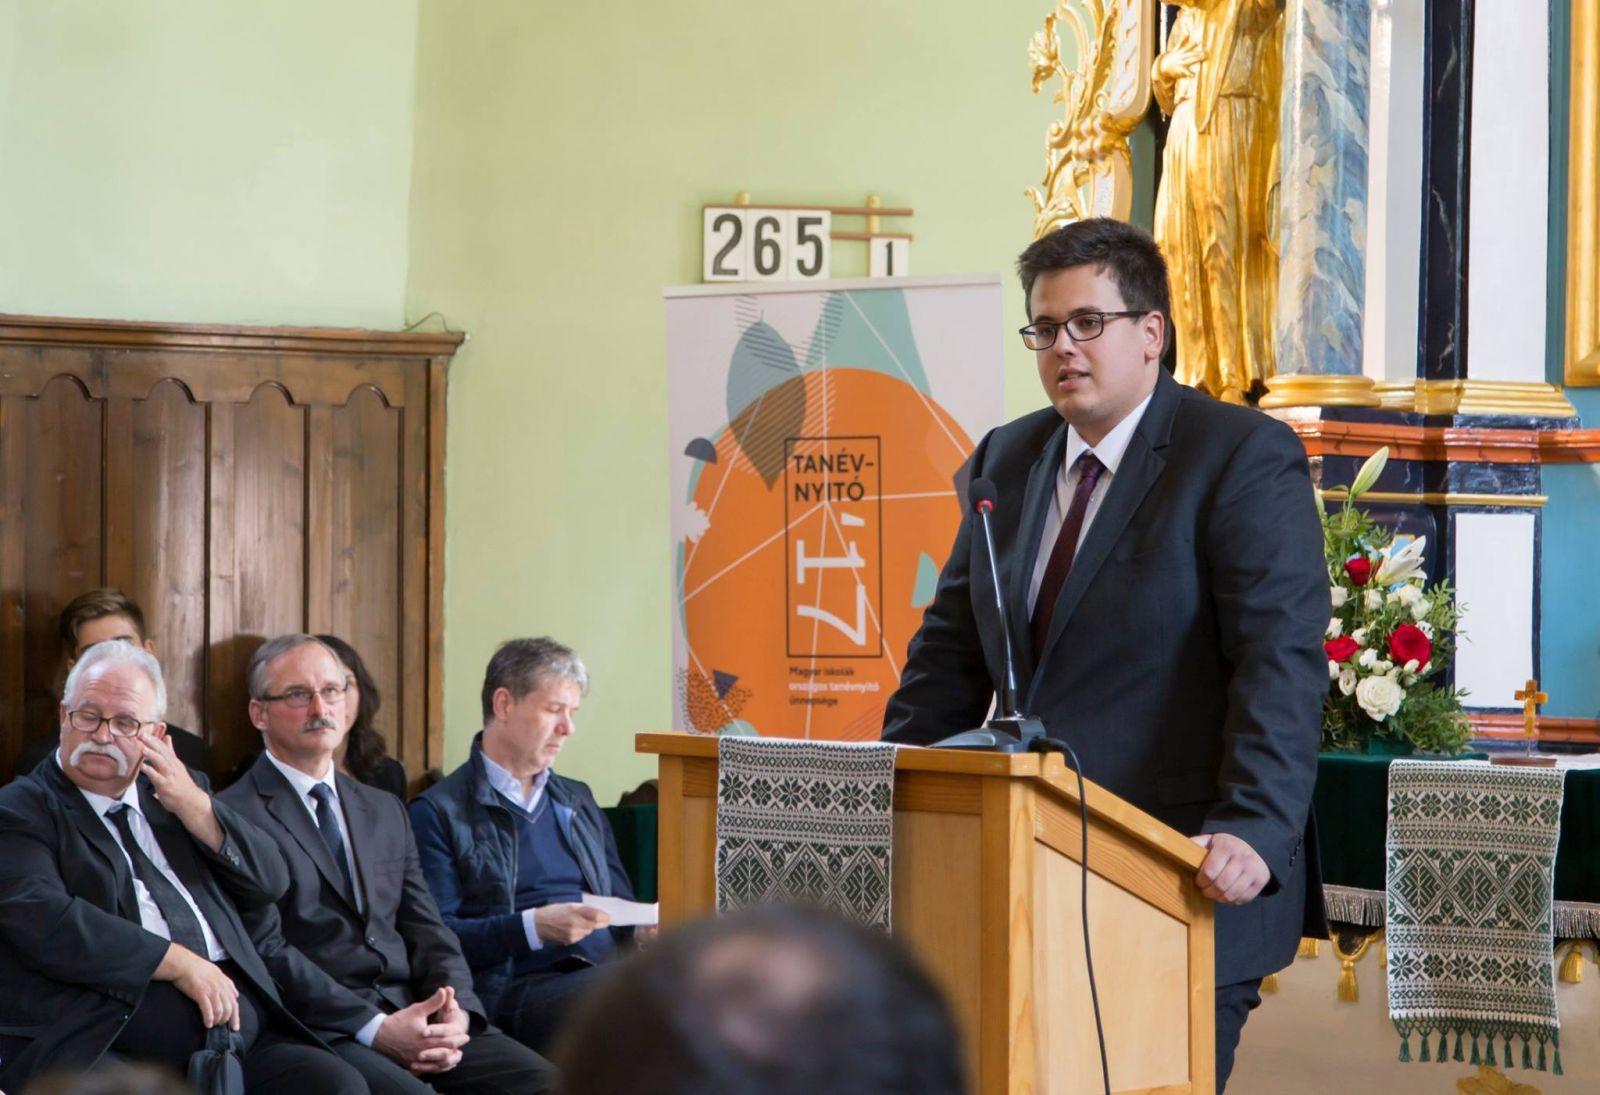 Bukur Tamás a Romániai Magyar Pedagógusok Szövetsége által szervezett Magyar iskolák országos tanévnyitó ünnepségén, Brassóban, 2017 szeptemberében | Fotó forrása: Facebook